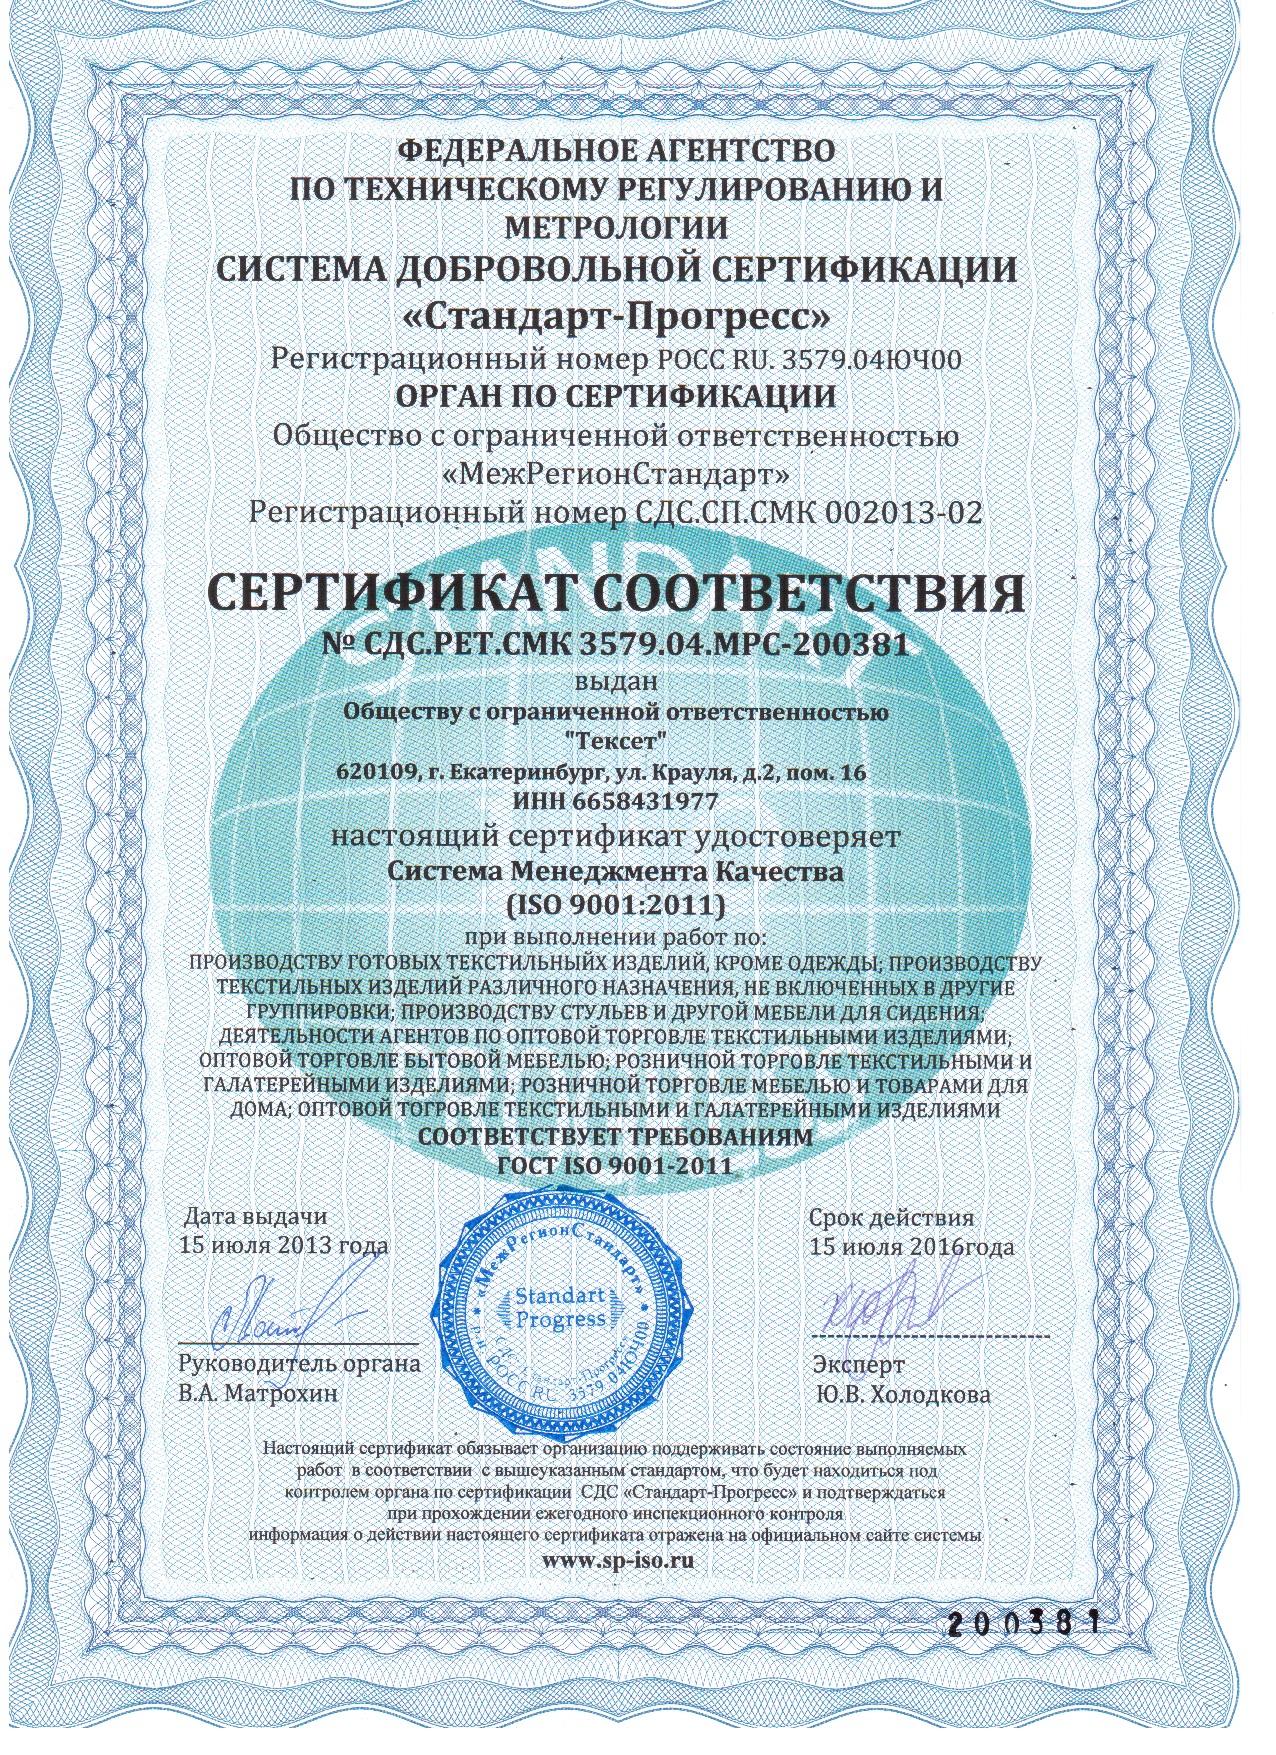 Сертификаты для беременных екатеринбург